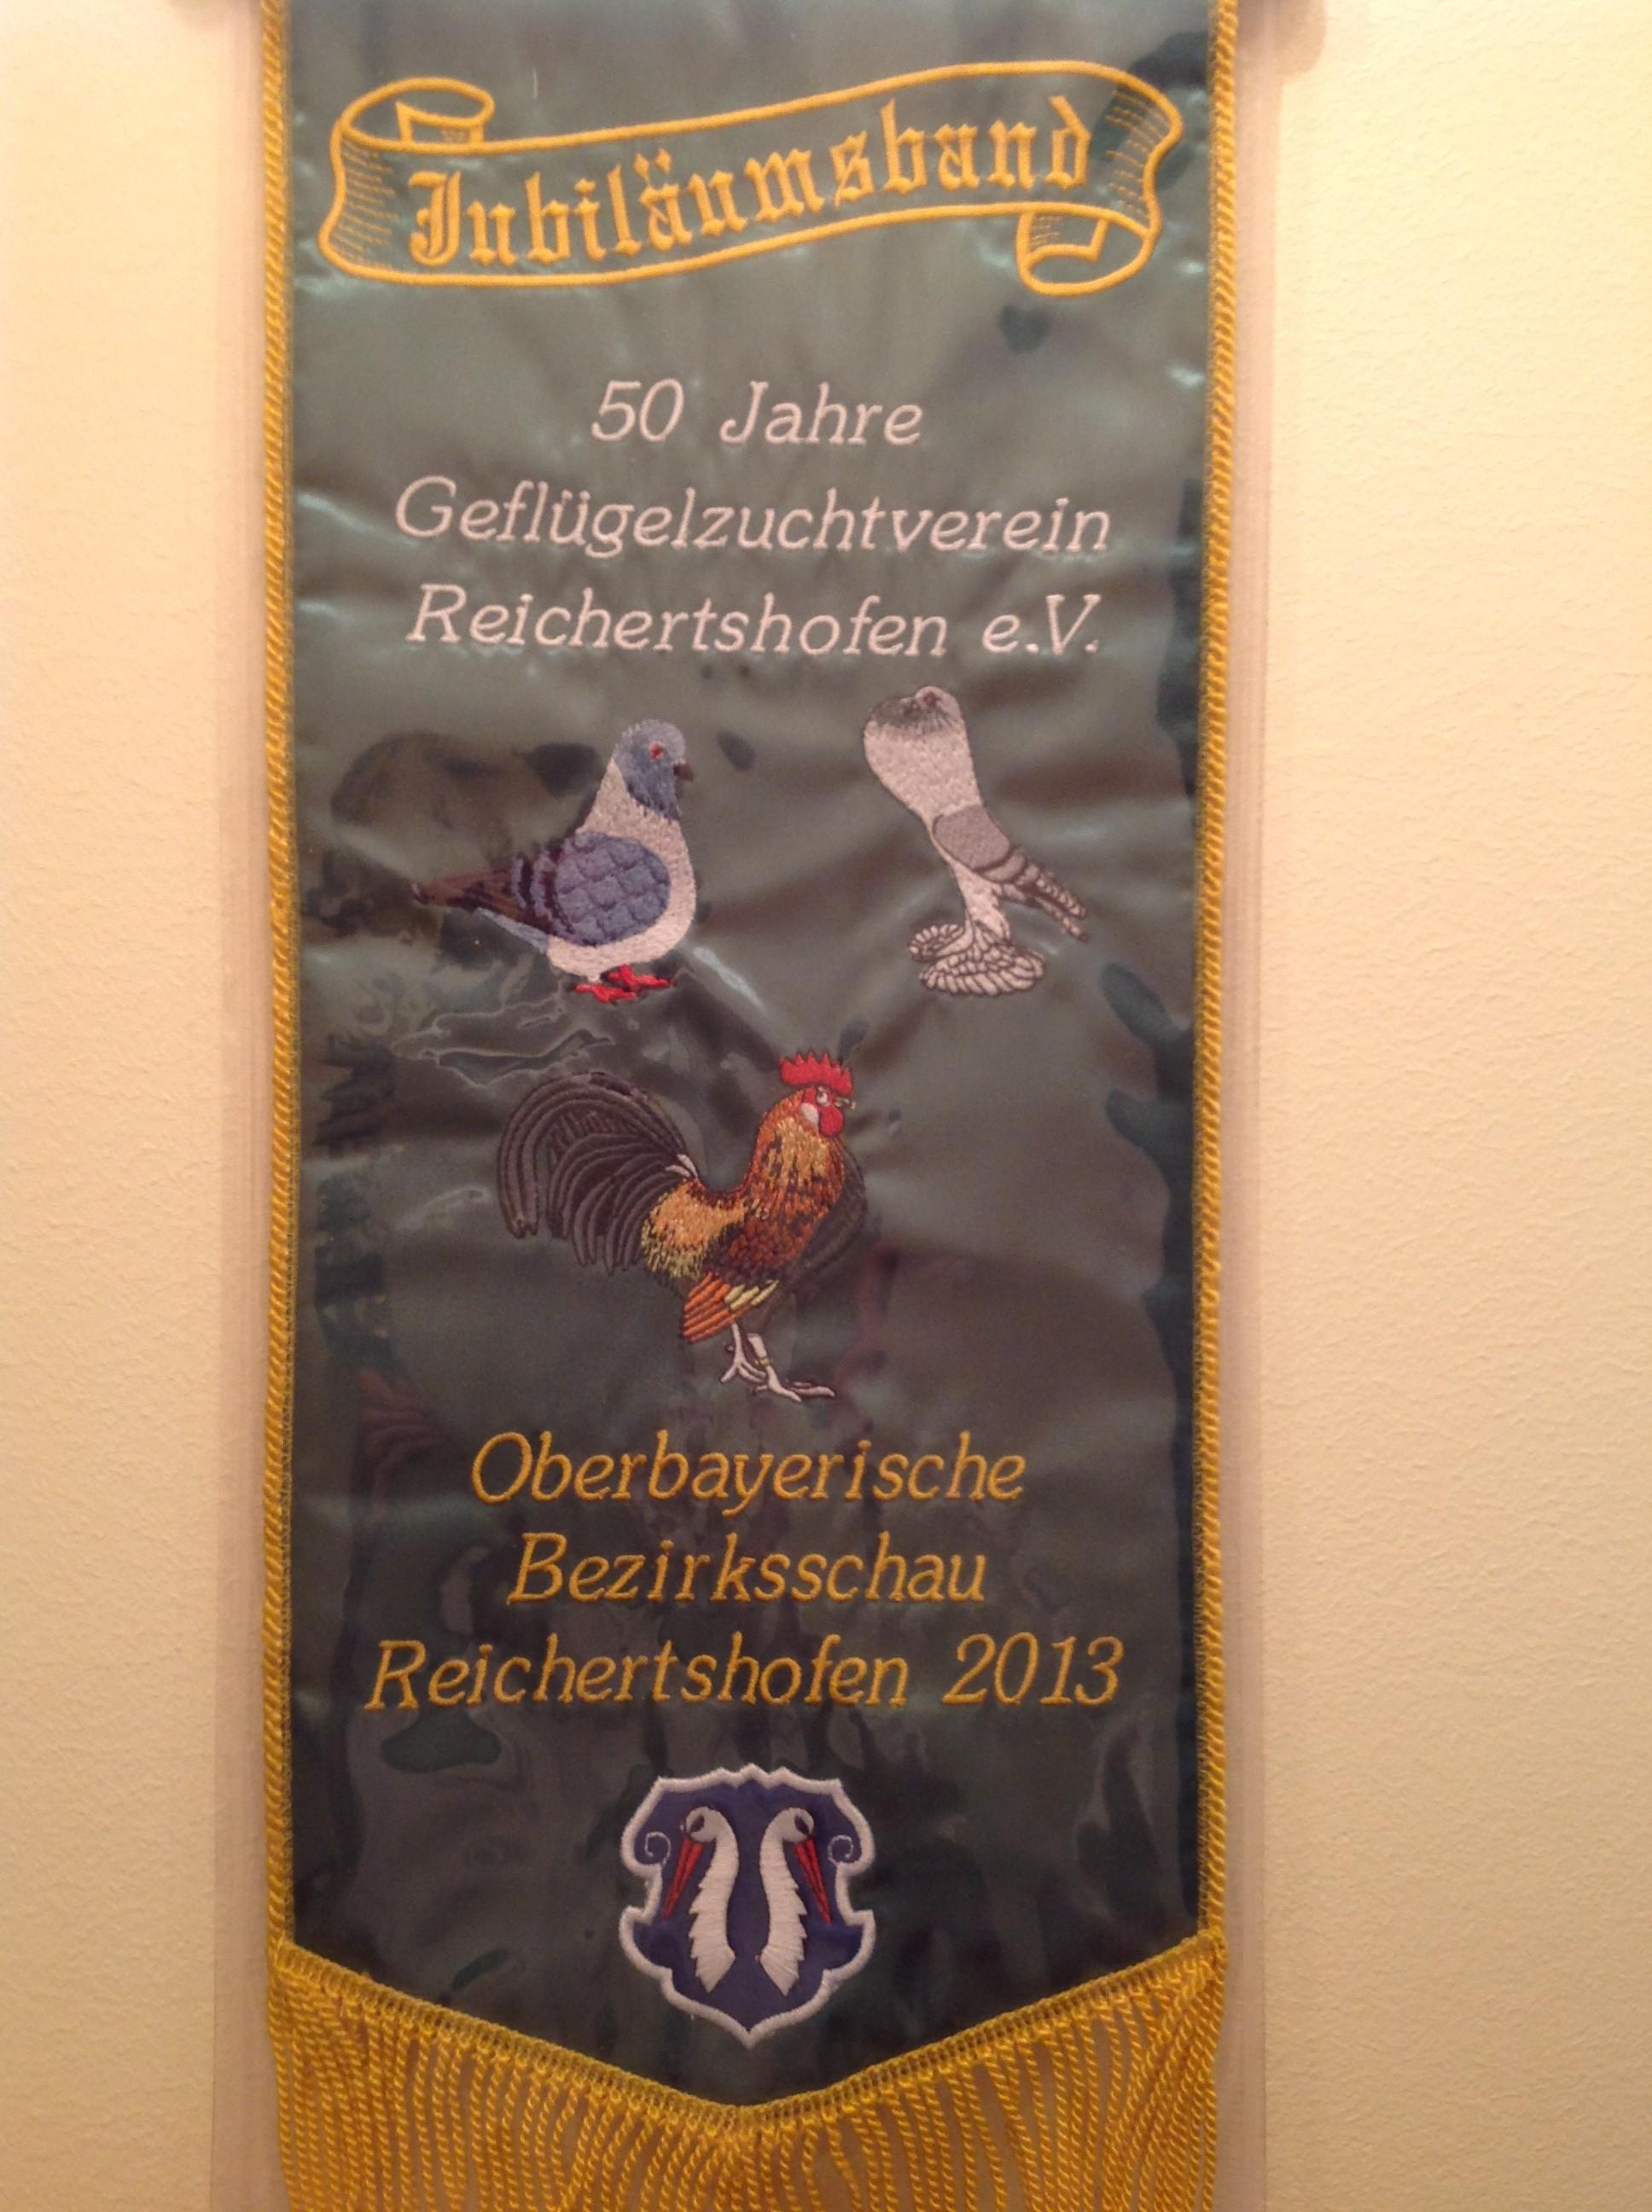 BSS Reichertshofen 2013 Jubiläumsband King braun